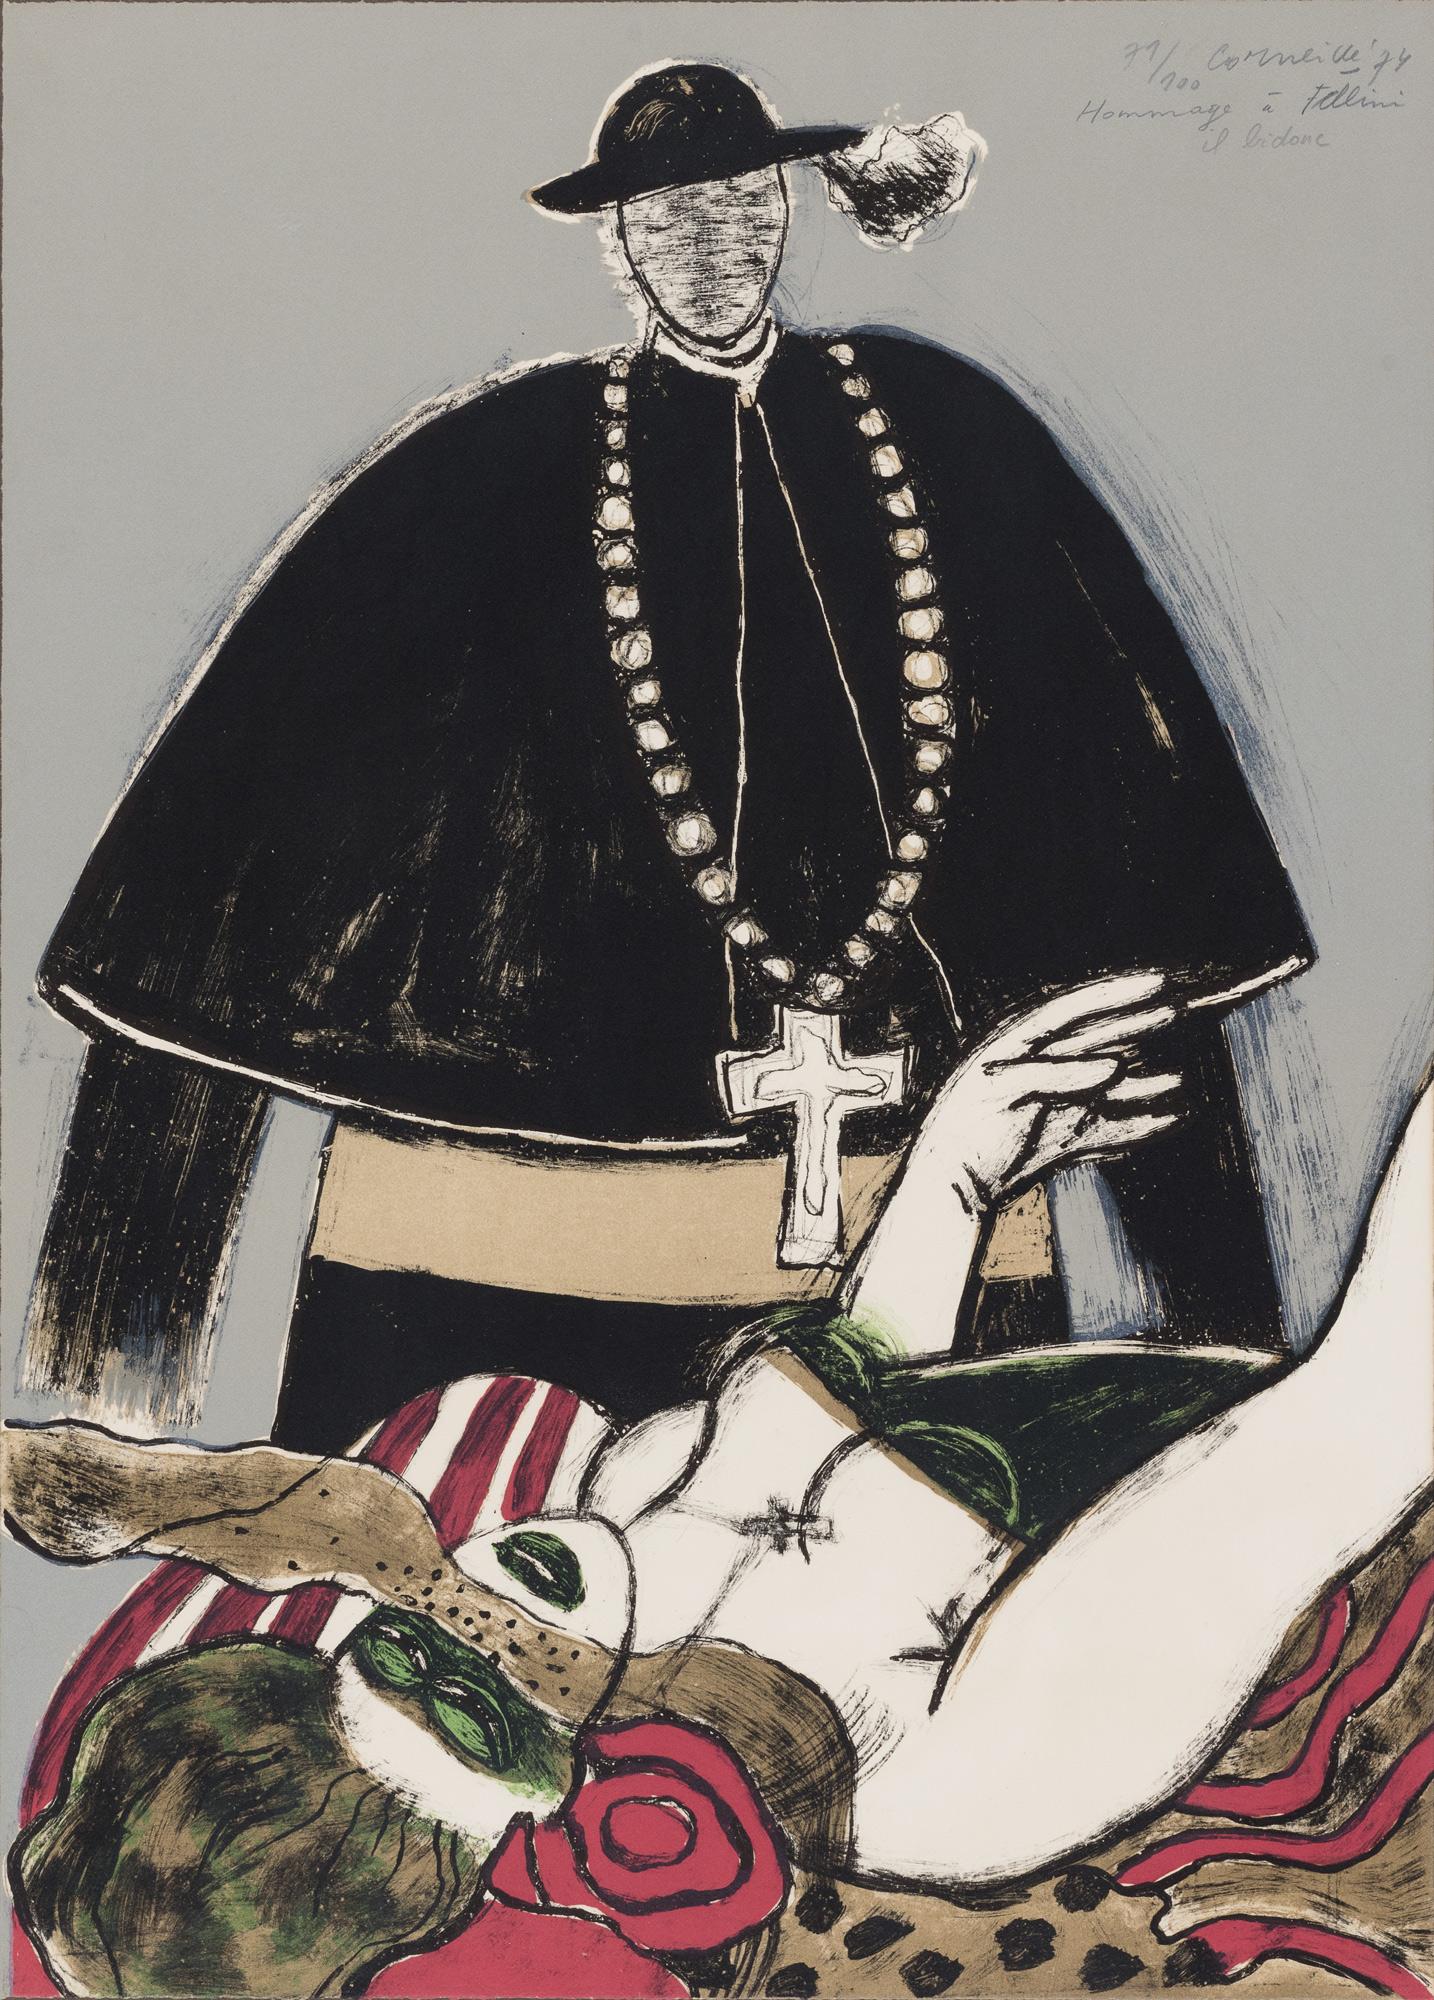 Hommage à Fellini – Il bidone, 1974